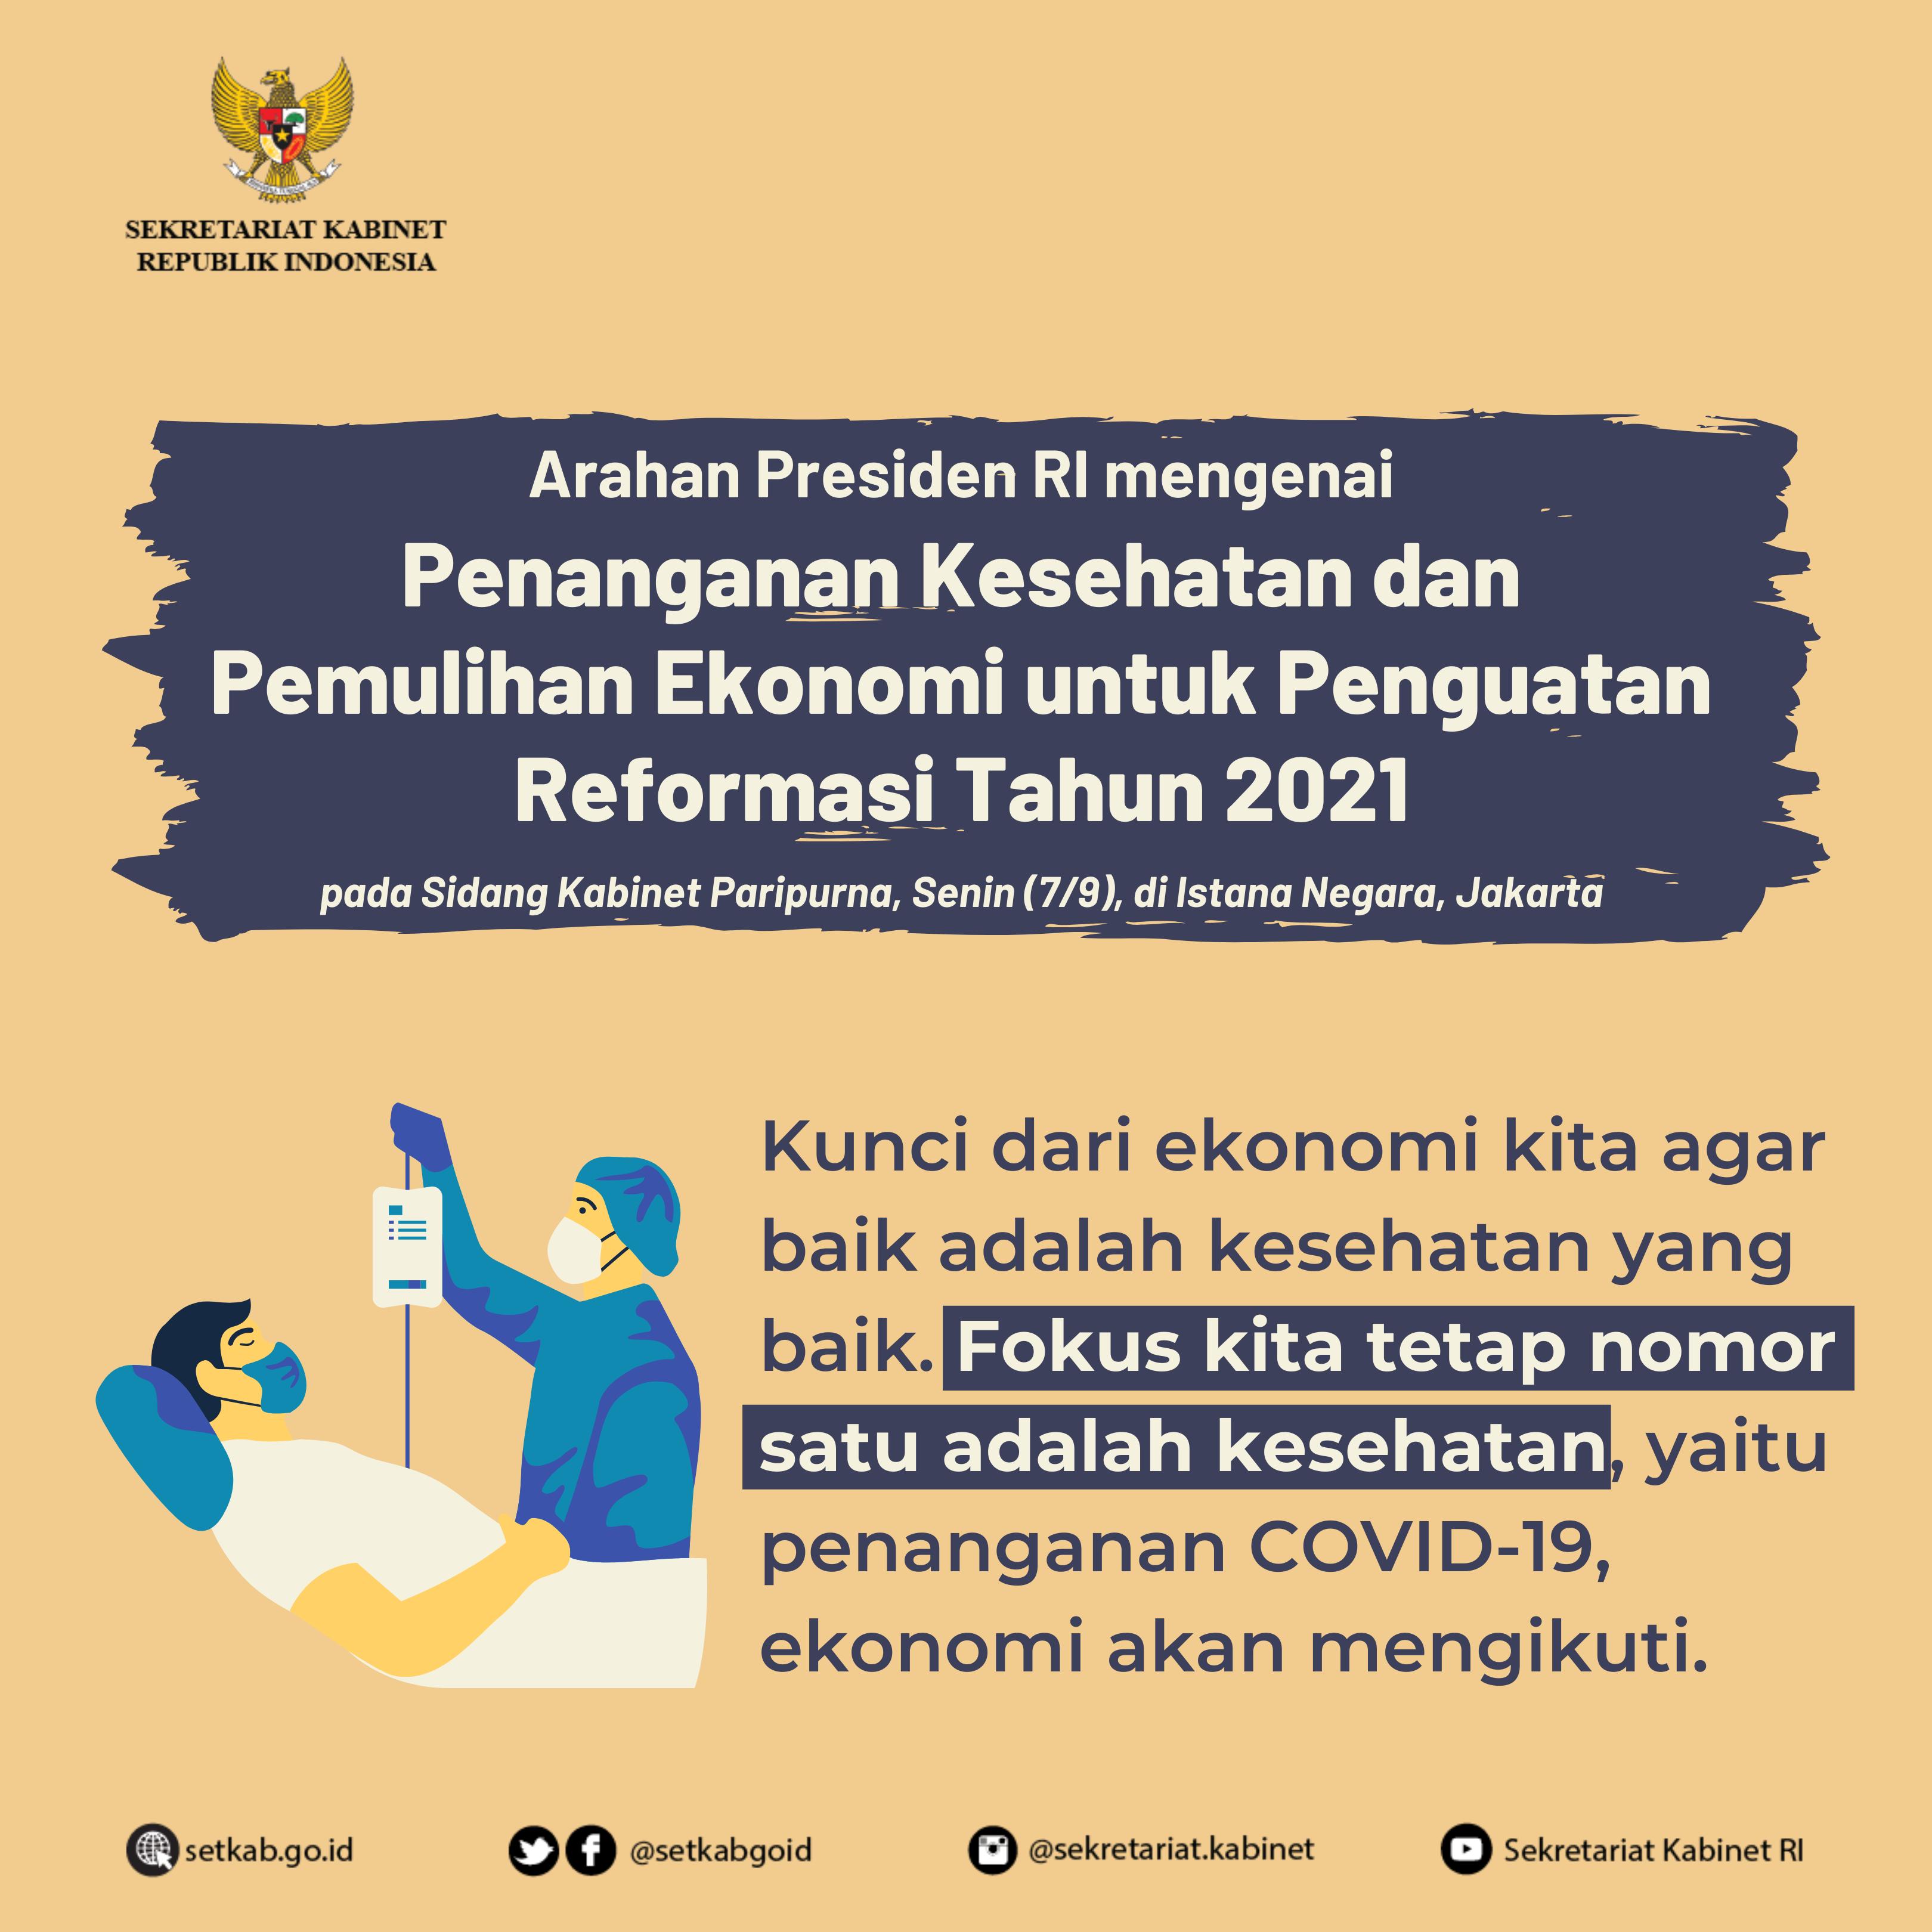 """Arahan Presiden RI pada Sidang Kabinet Paripurna mengenai """"Penanganan Kesehatan dan Pemulihan Ekonomi untuk Penguatan Reformasi Tahun 2021"""""""